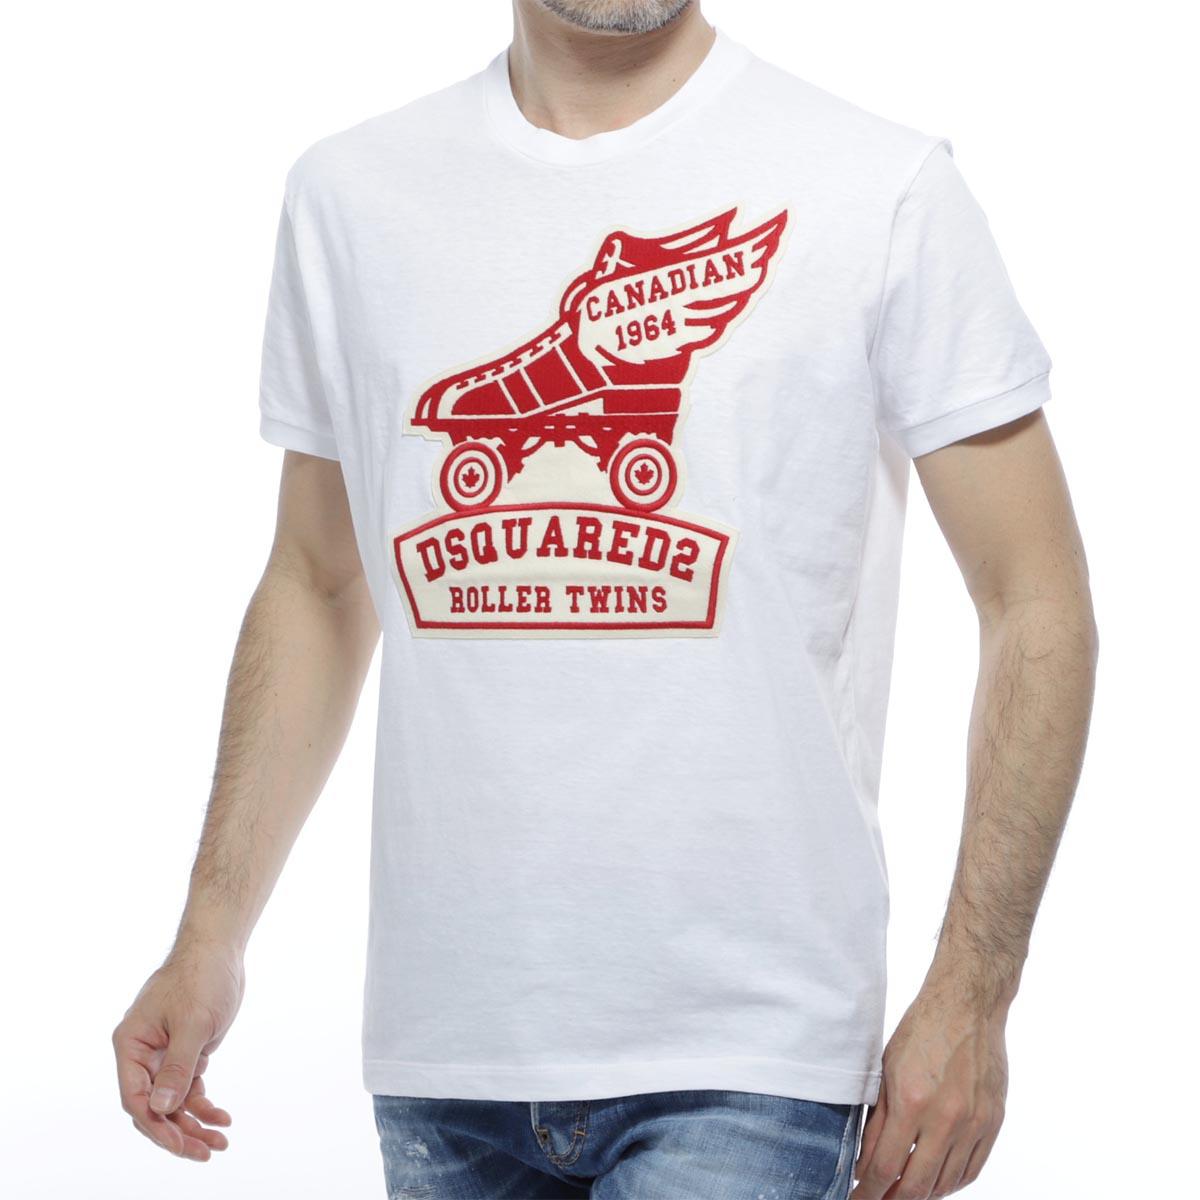 ディースクエアード DSQUARED2 クルーネックTシャツ ホワイト メンズ コットン 綿 s74gd0678 s22507 100 Roller Twins【あす楽対応_関東】【返品送料無料】【ラッピング無料】